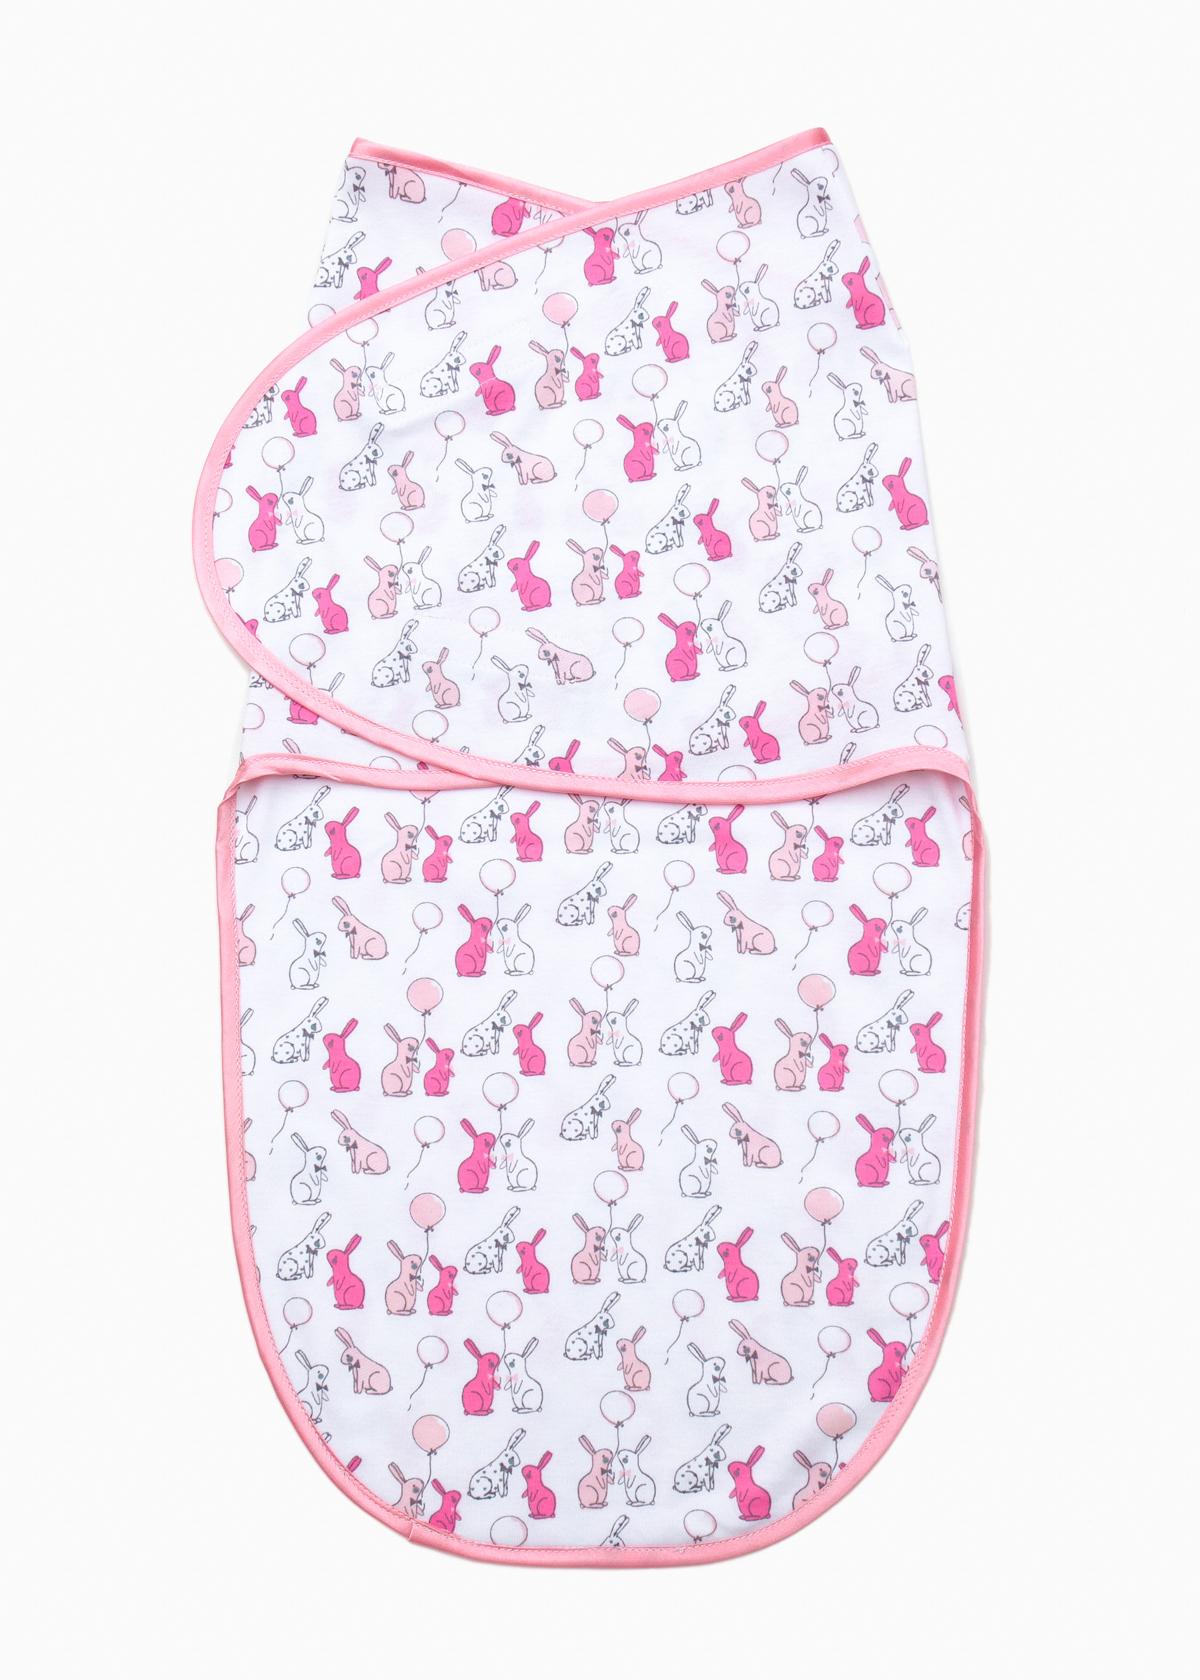 Фото: Европеленка Creativemama, розовые зайцы на белом